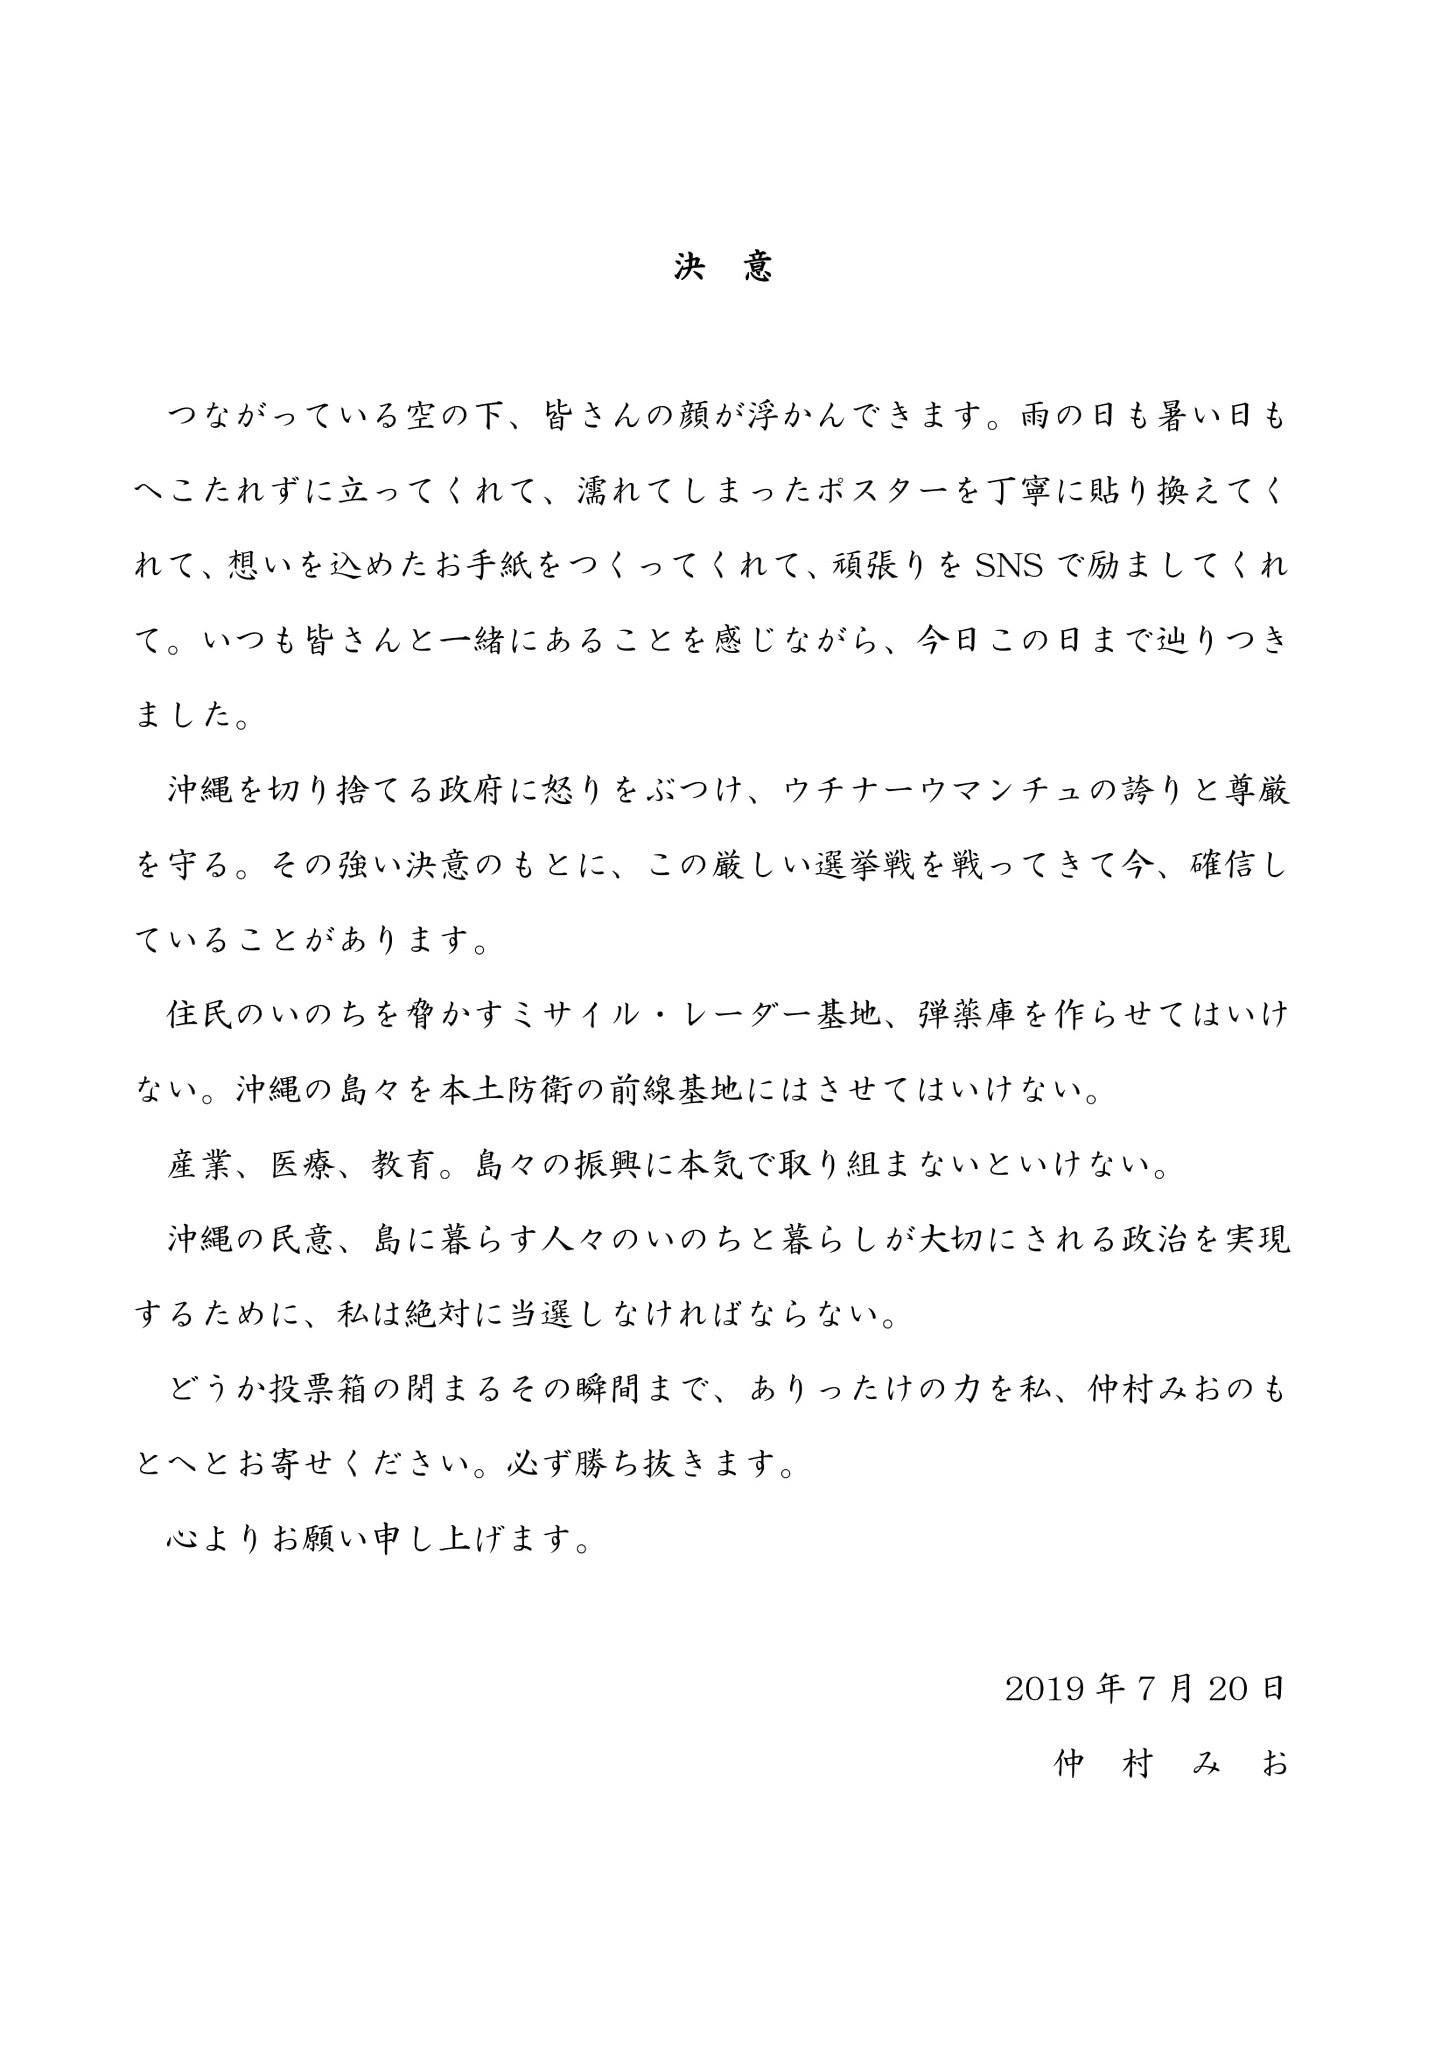 仲村みお 2019 0720